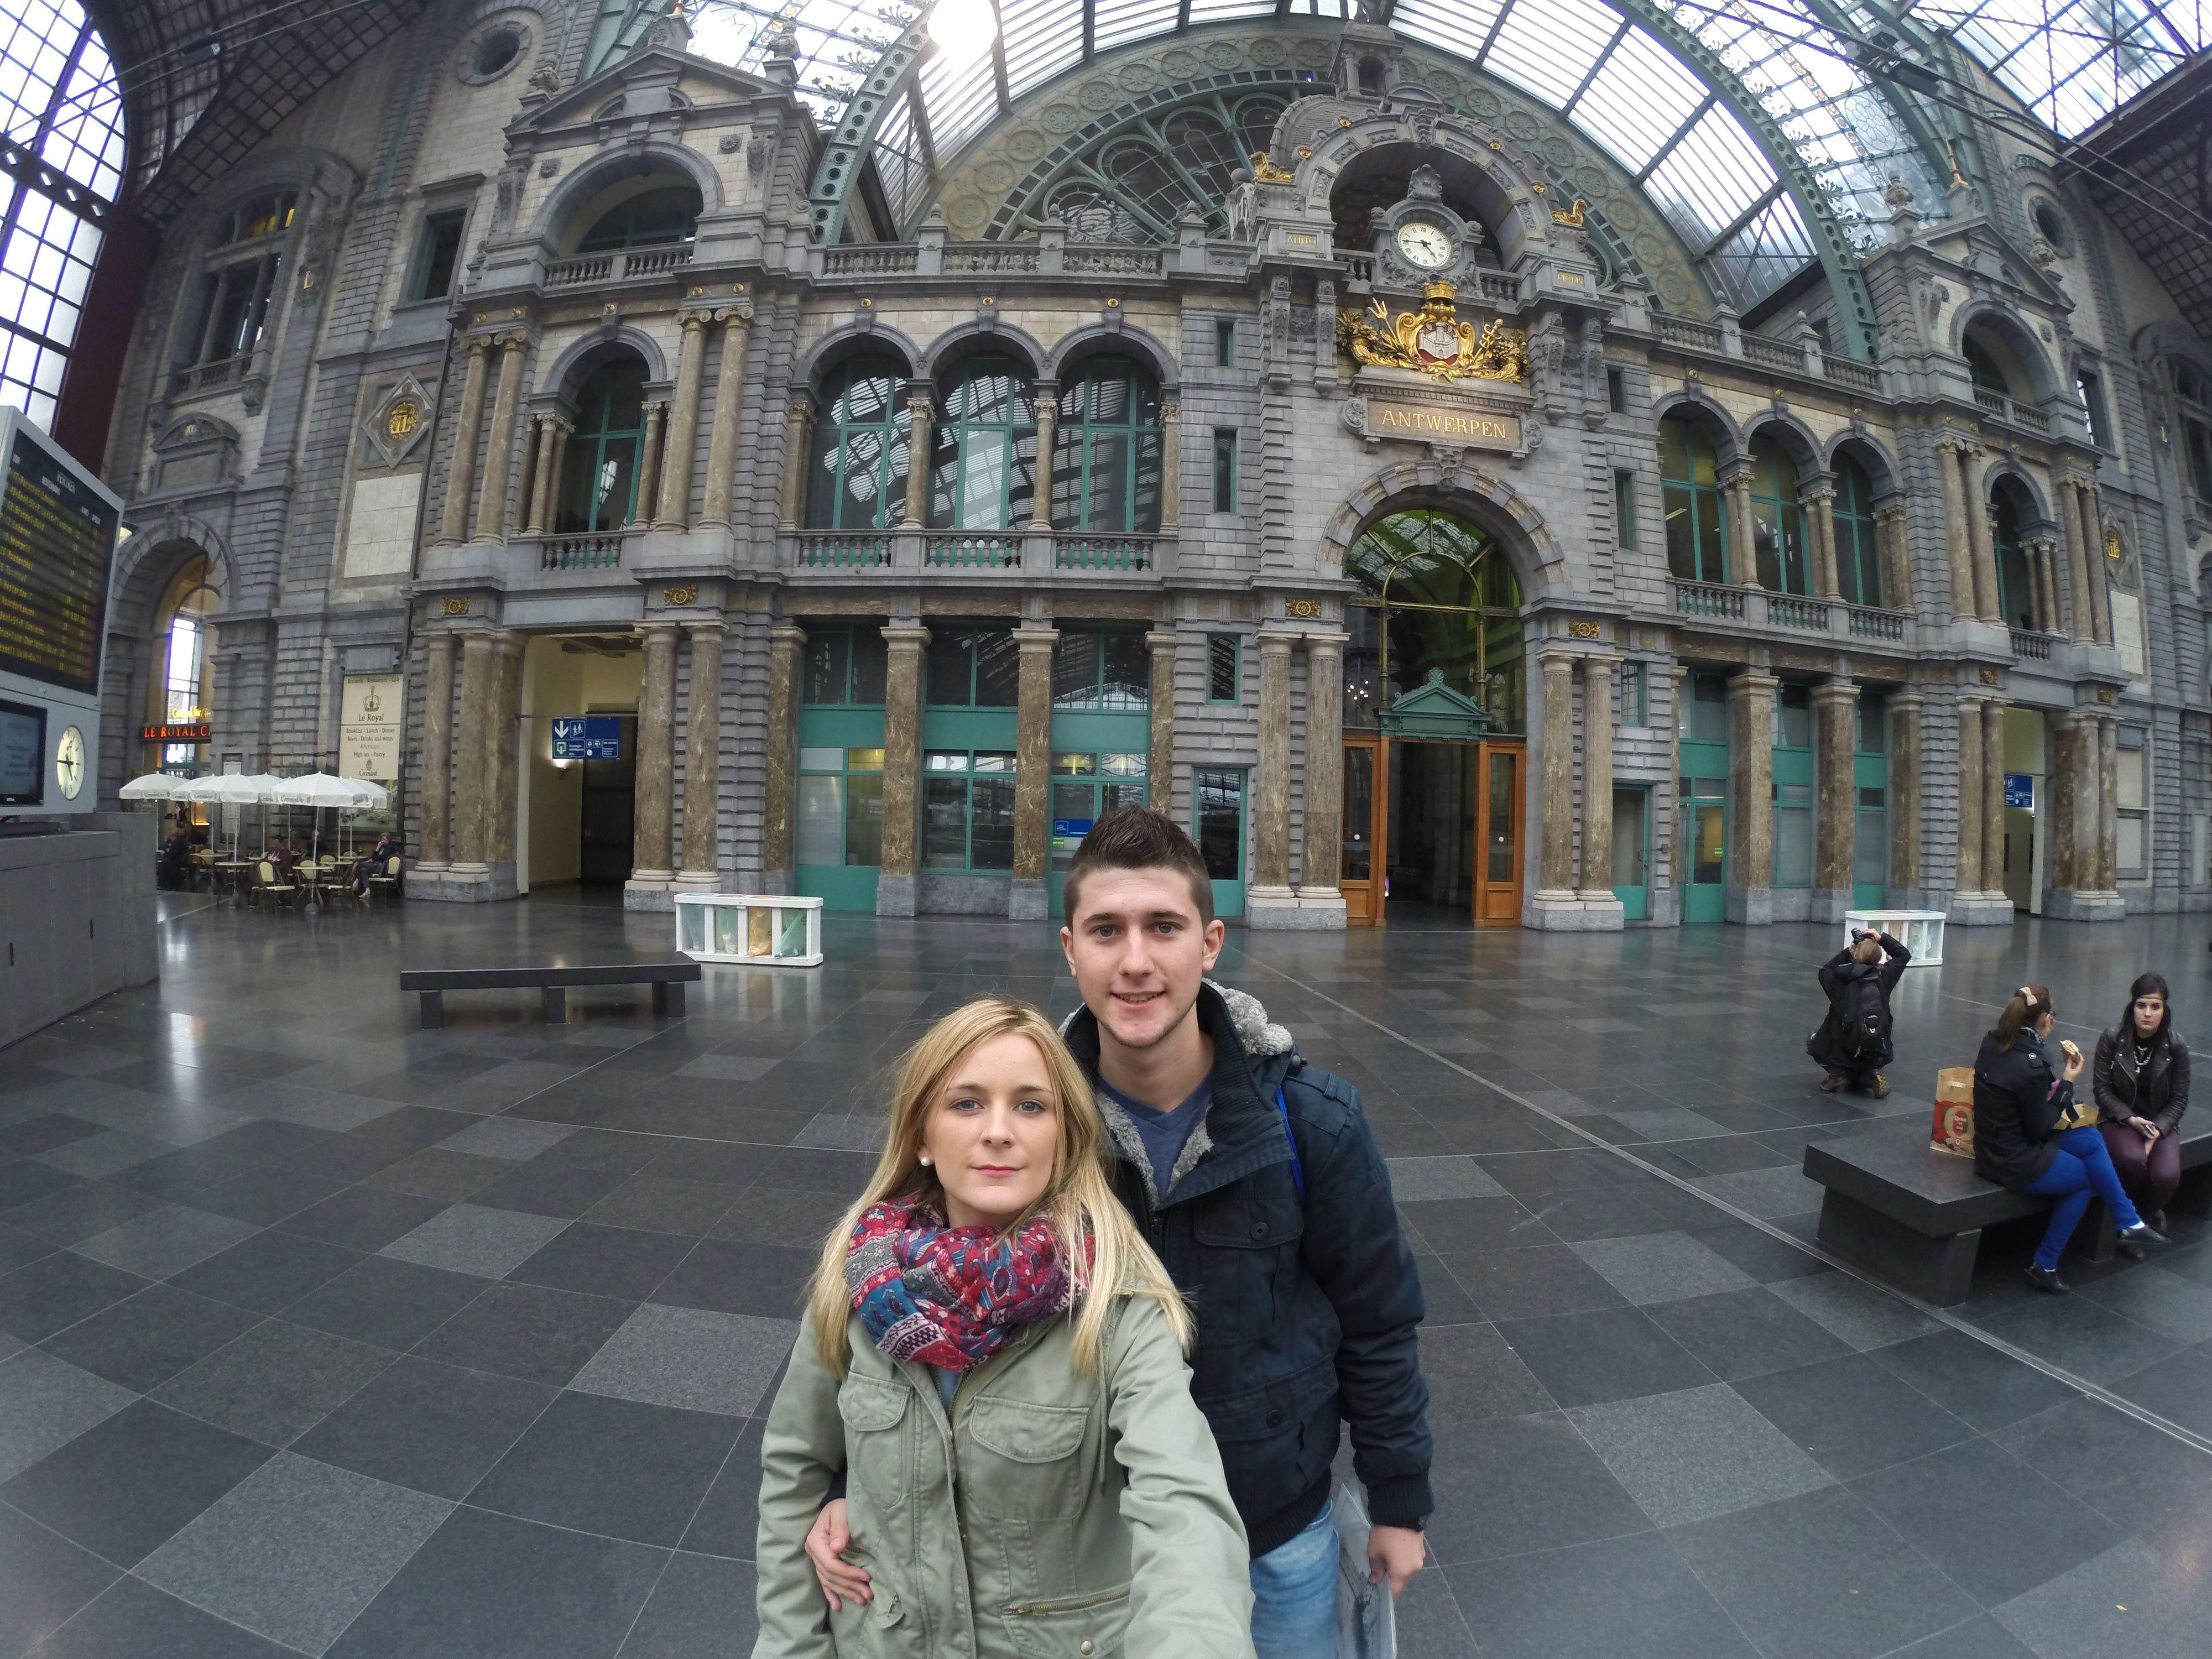 Estación de trenes de Amberes